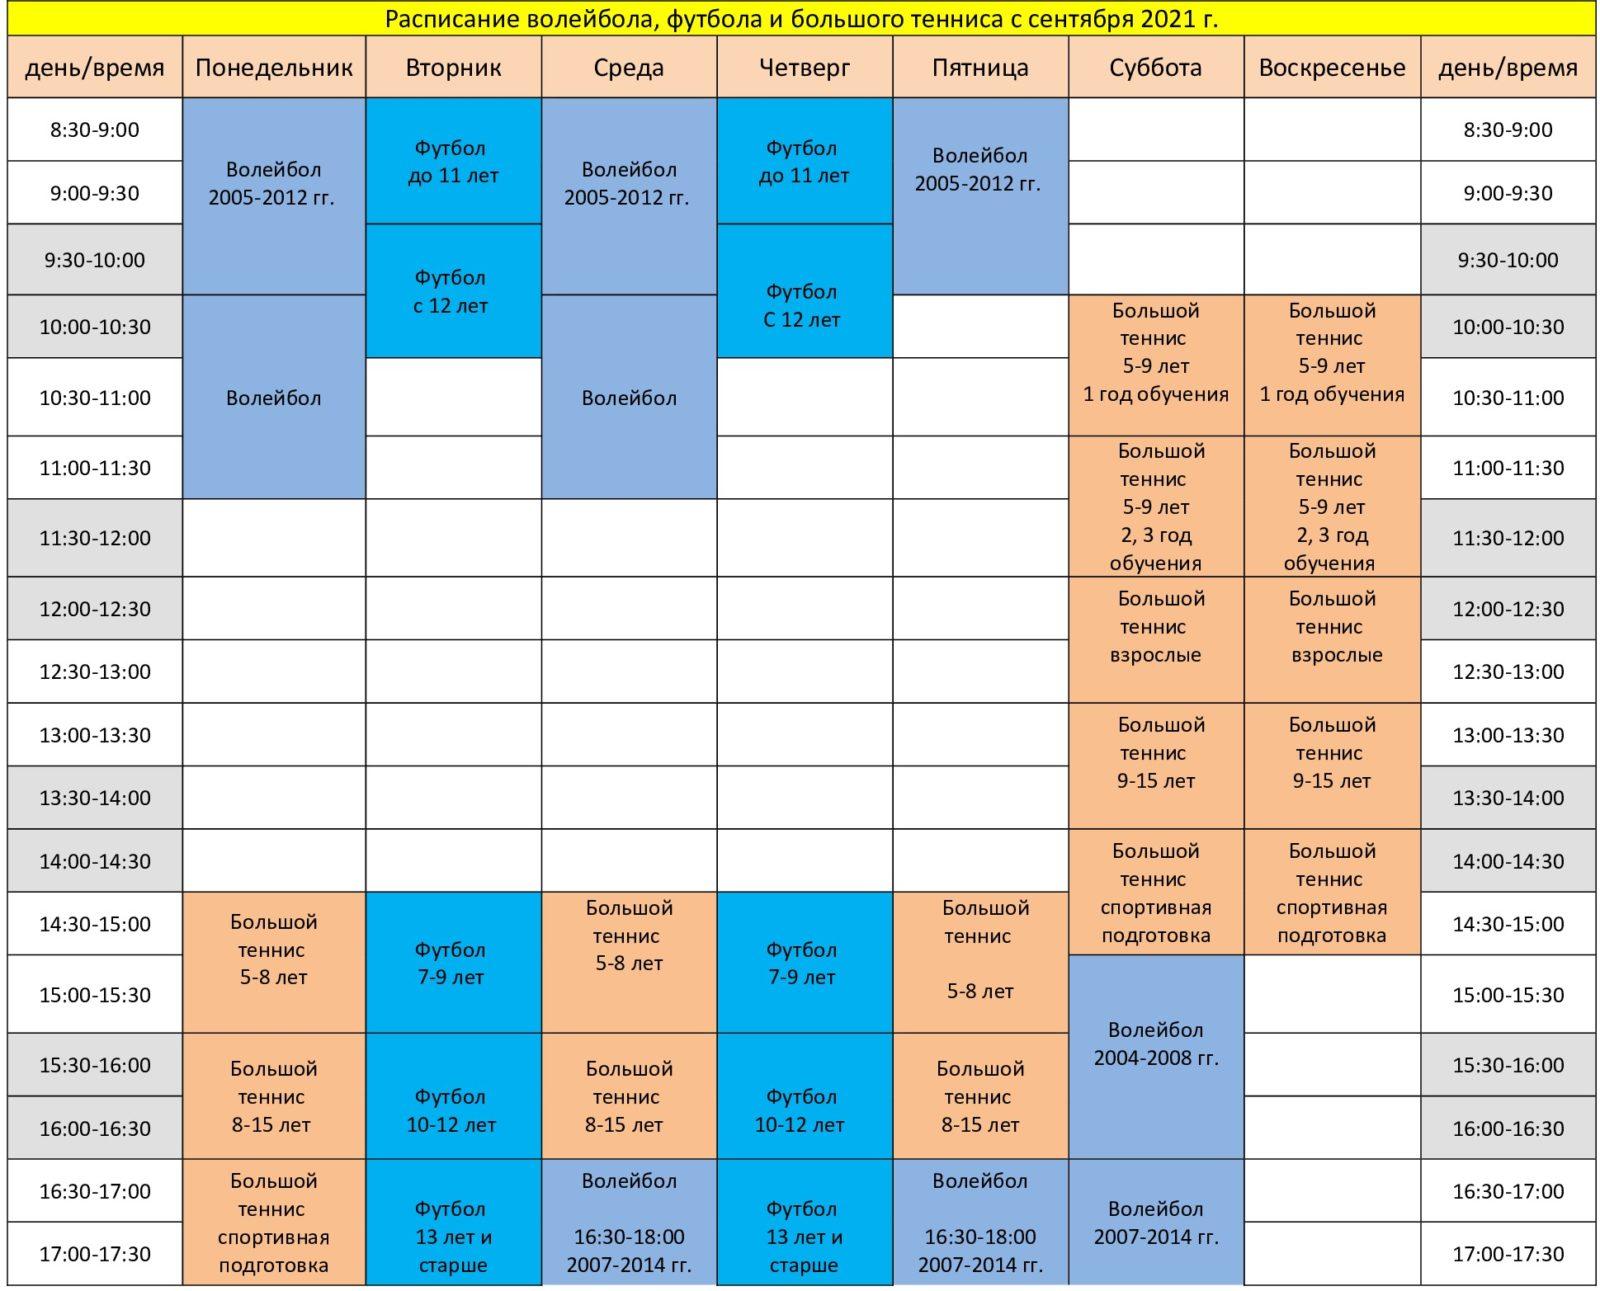 Расписание тренировок по большому теннису, футболу и волейболу